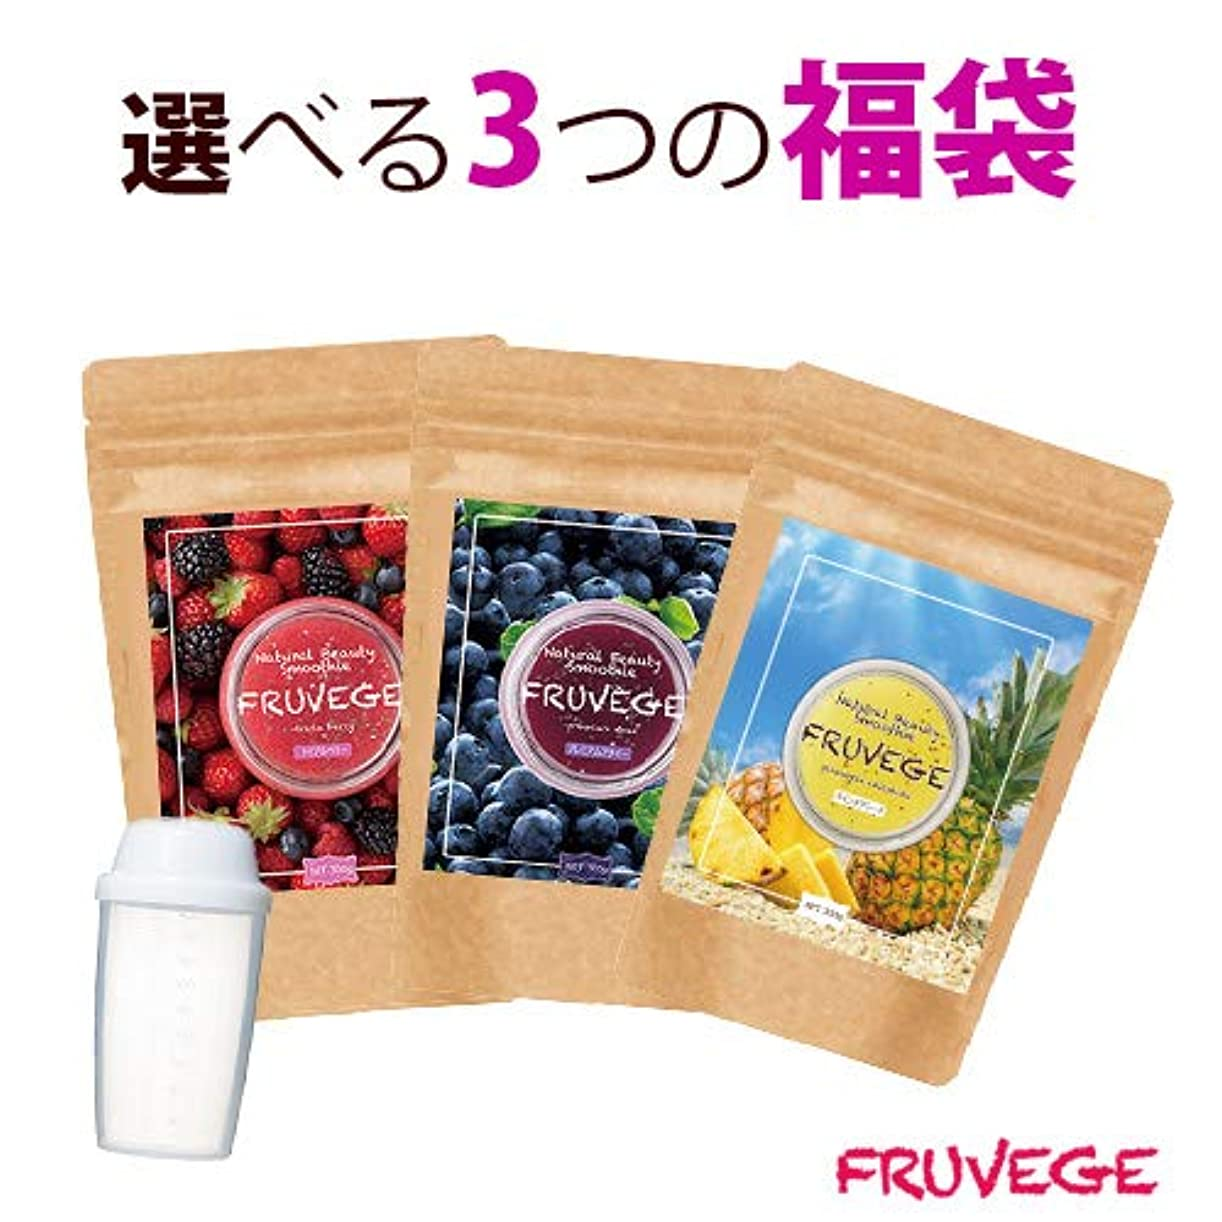 選挙変化くるみ[チアシード×スムージー (Dセット)]3袋+プレゼント (300g×3袋 約150杯分)福袋 ベリー 青汁 ダイエット食品 ドリンク スーパーフード 酵素ダイエット